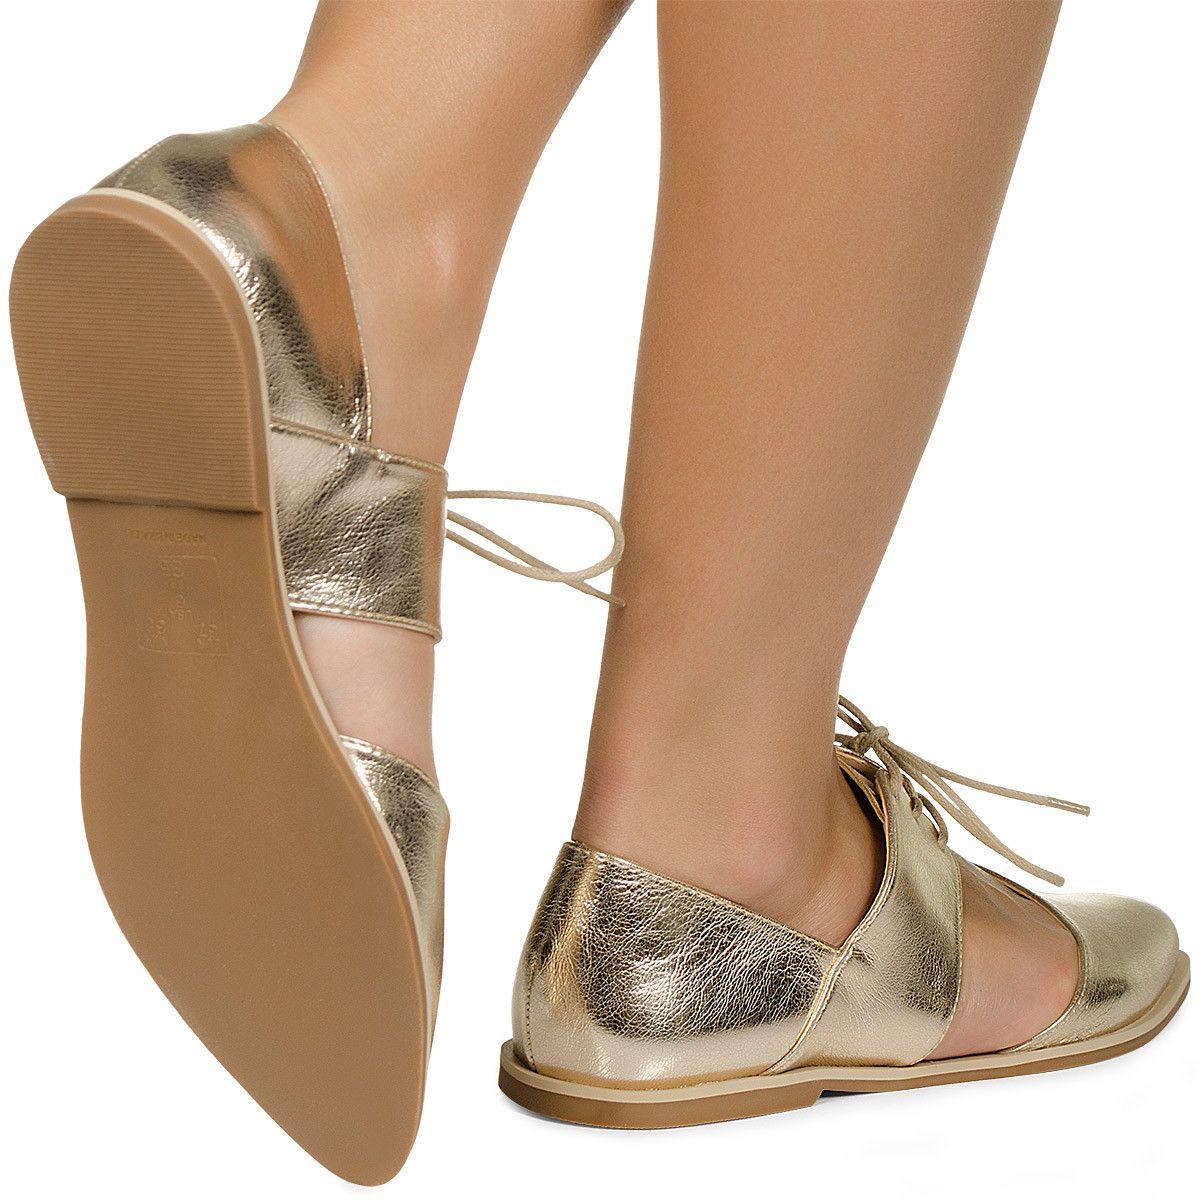 d87f18e06c Sapato Oxford Aberto Dourado Taquilla - Taquilla - Loja online de sapatos  femininos